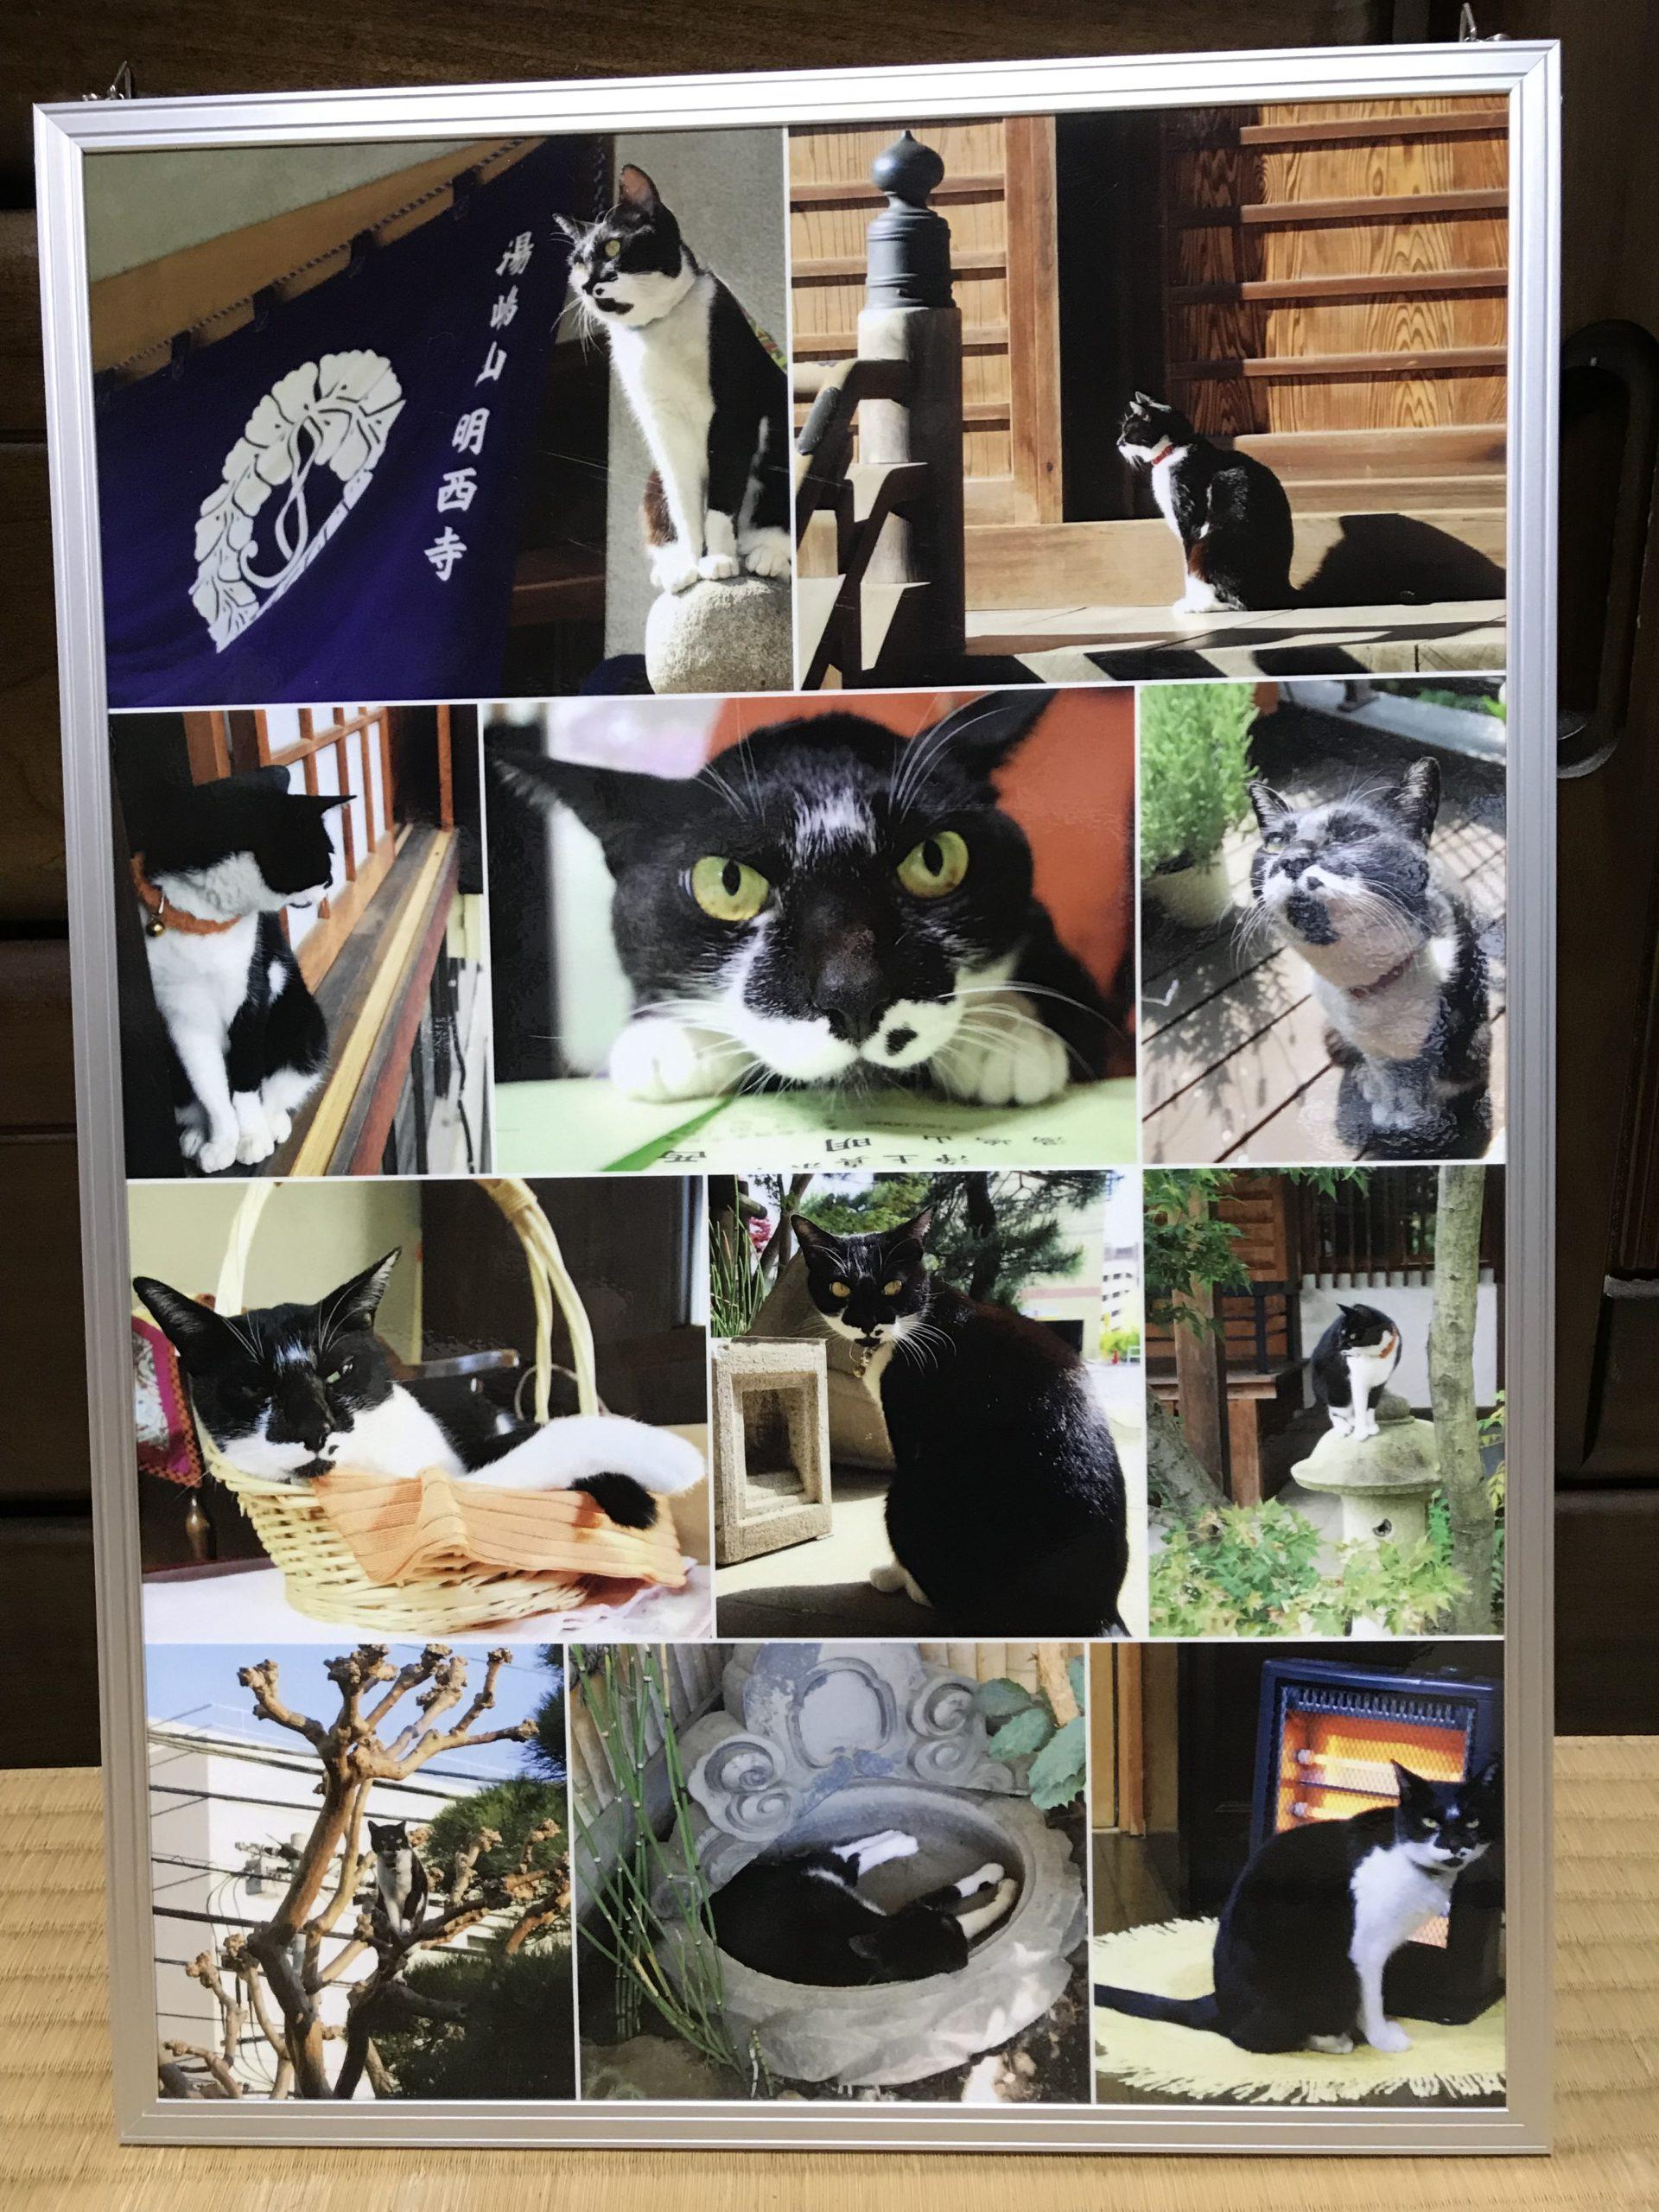 明西寺看板猫 ツルベ(♀)とお別れして半年経ちました。